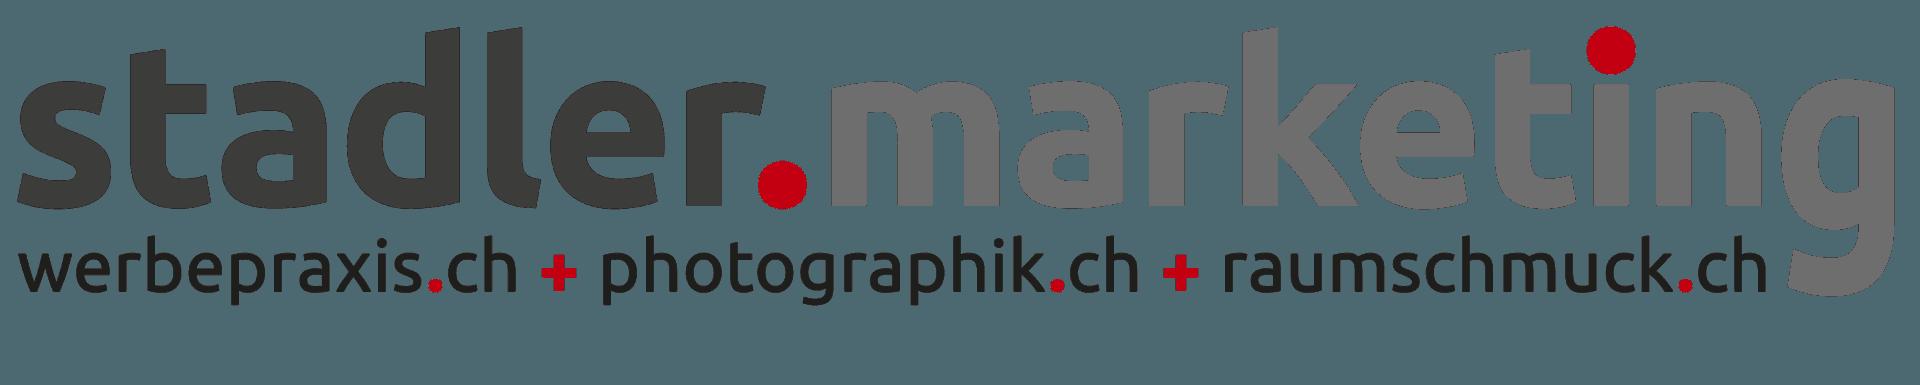 Benno B.a. stadler atelier für Werbephotographie + Graphik